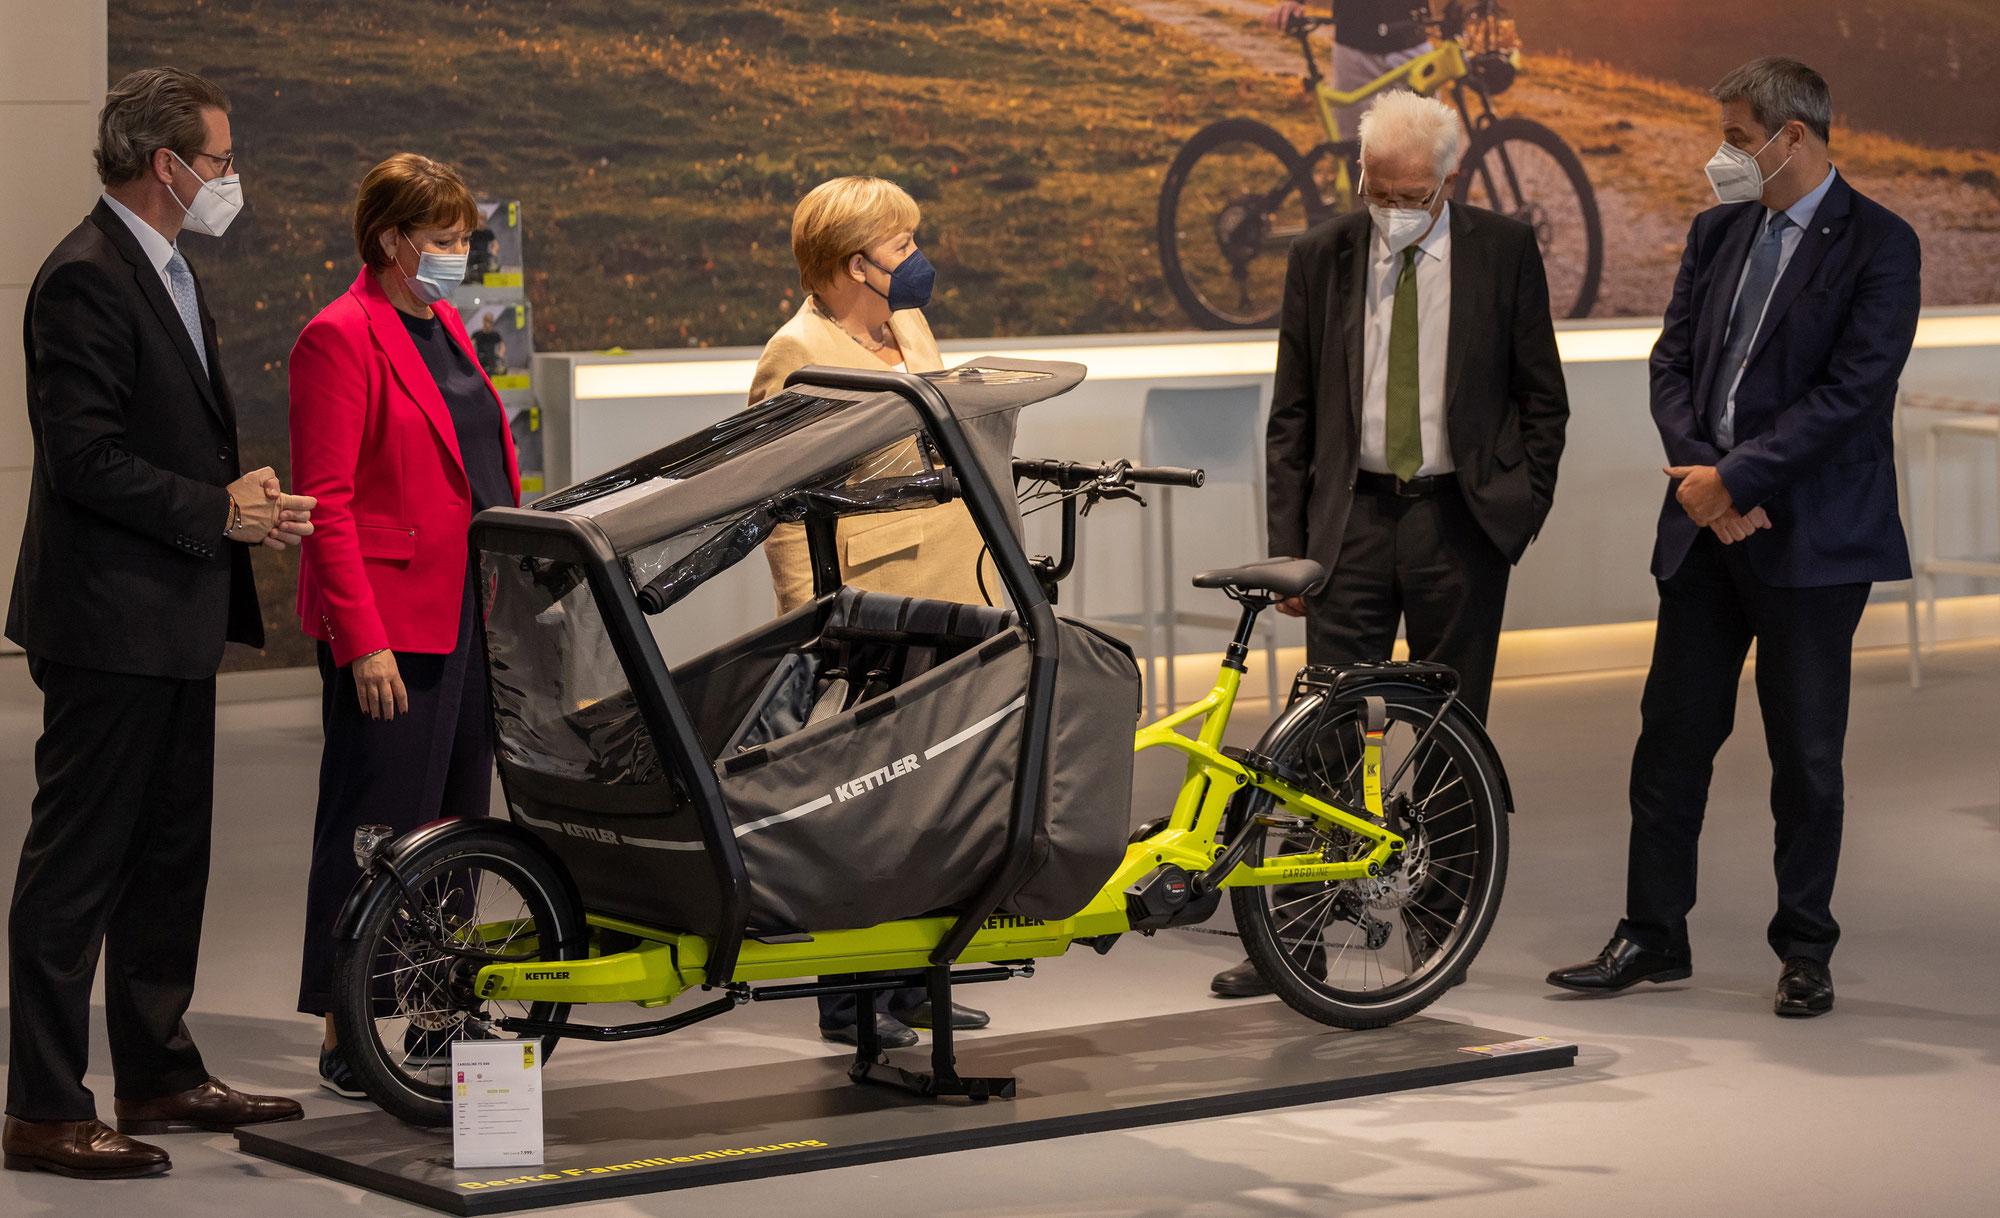 Bundeskanzlerin Merkel besucht KETTLER Alu-Rad auf der IAA Mobility